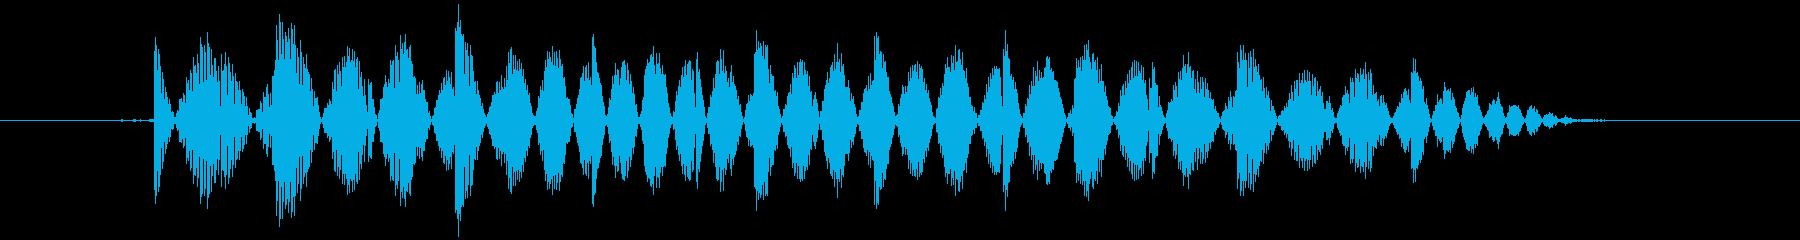 ニュッと何かを取り出すの再生済みの波形